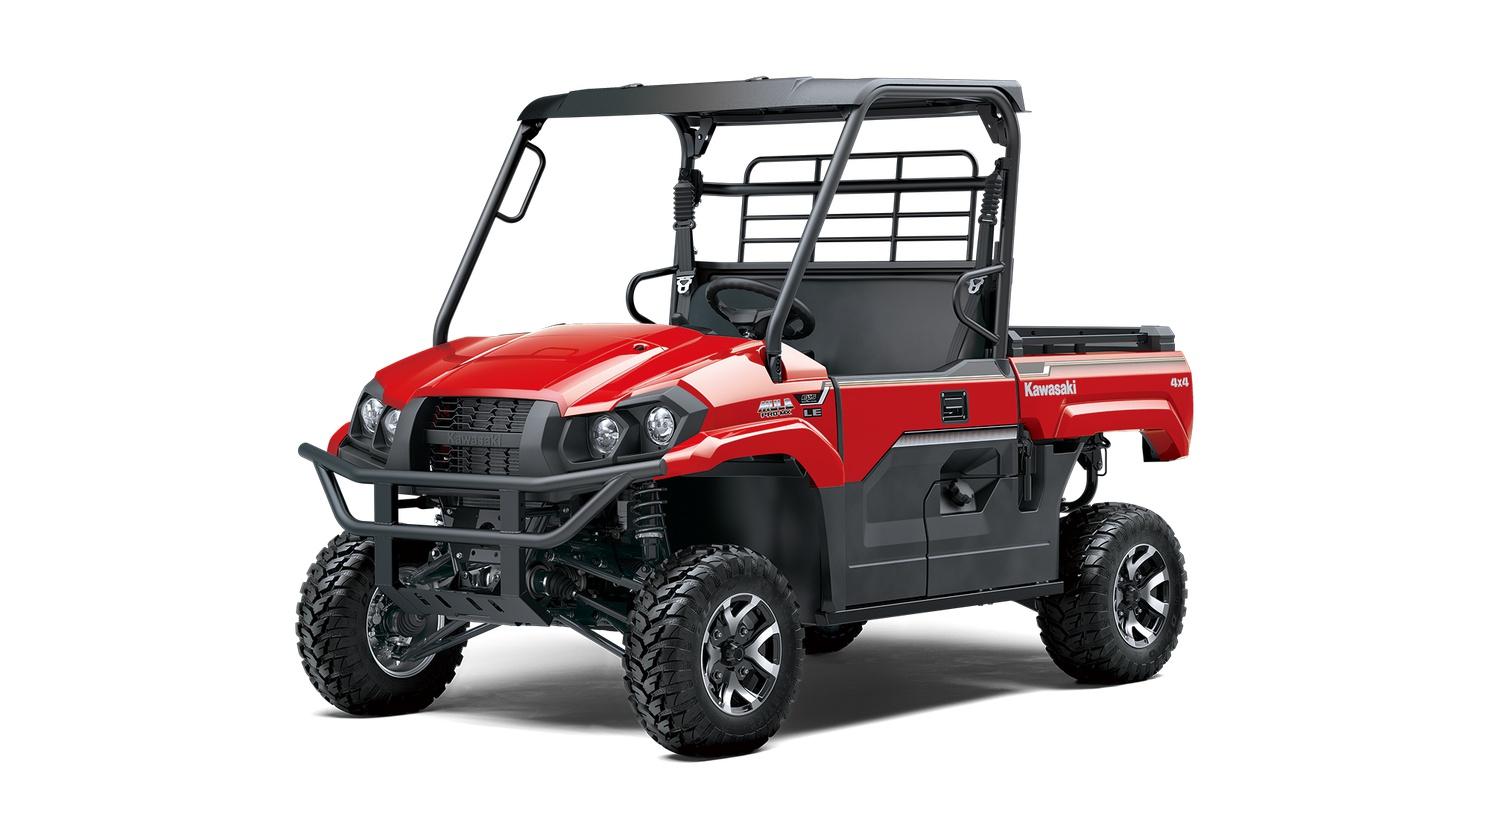 2020 Kawasaki MULE PRO-MX EPS LE Firecracker Red